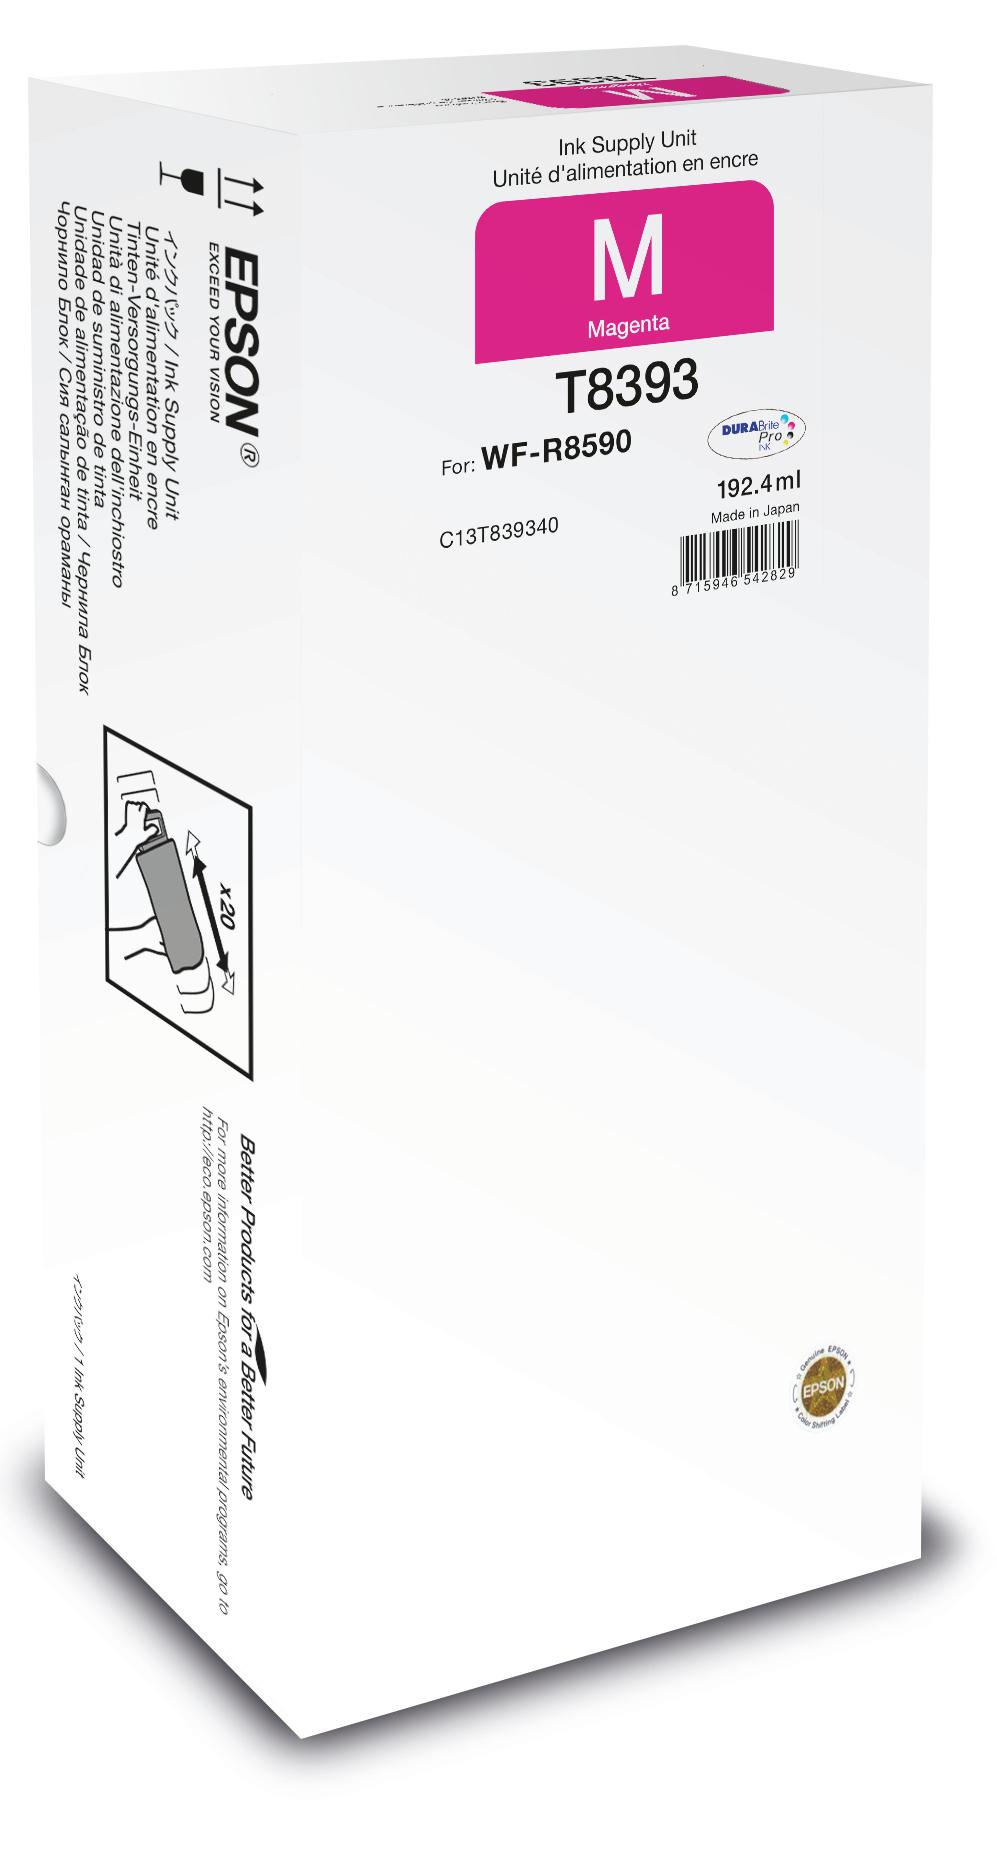 Epson Unidad de suministro de tinta T8393 magenta XL